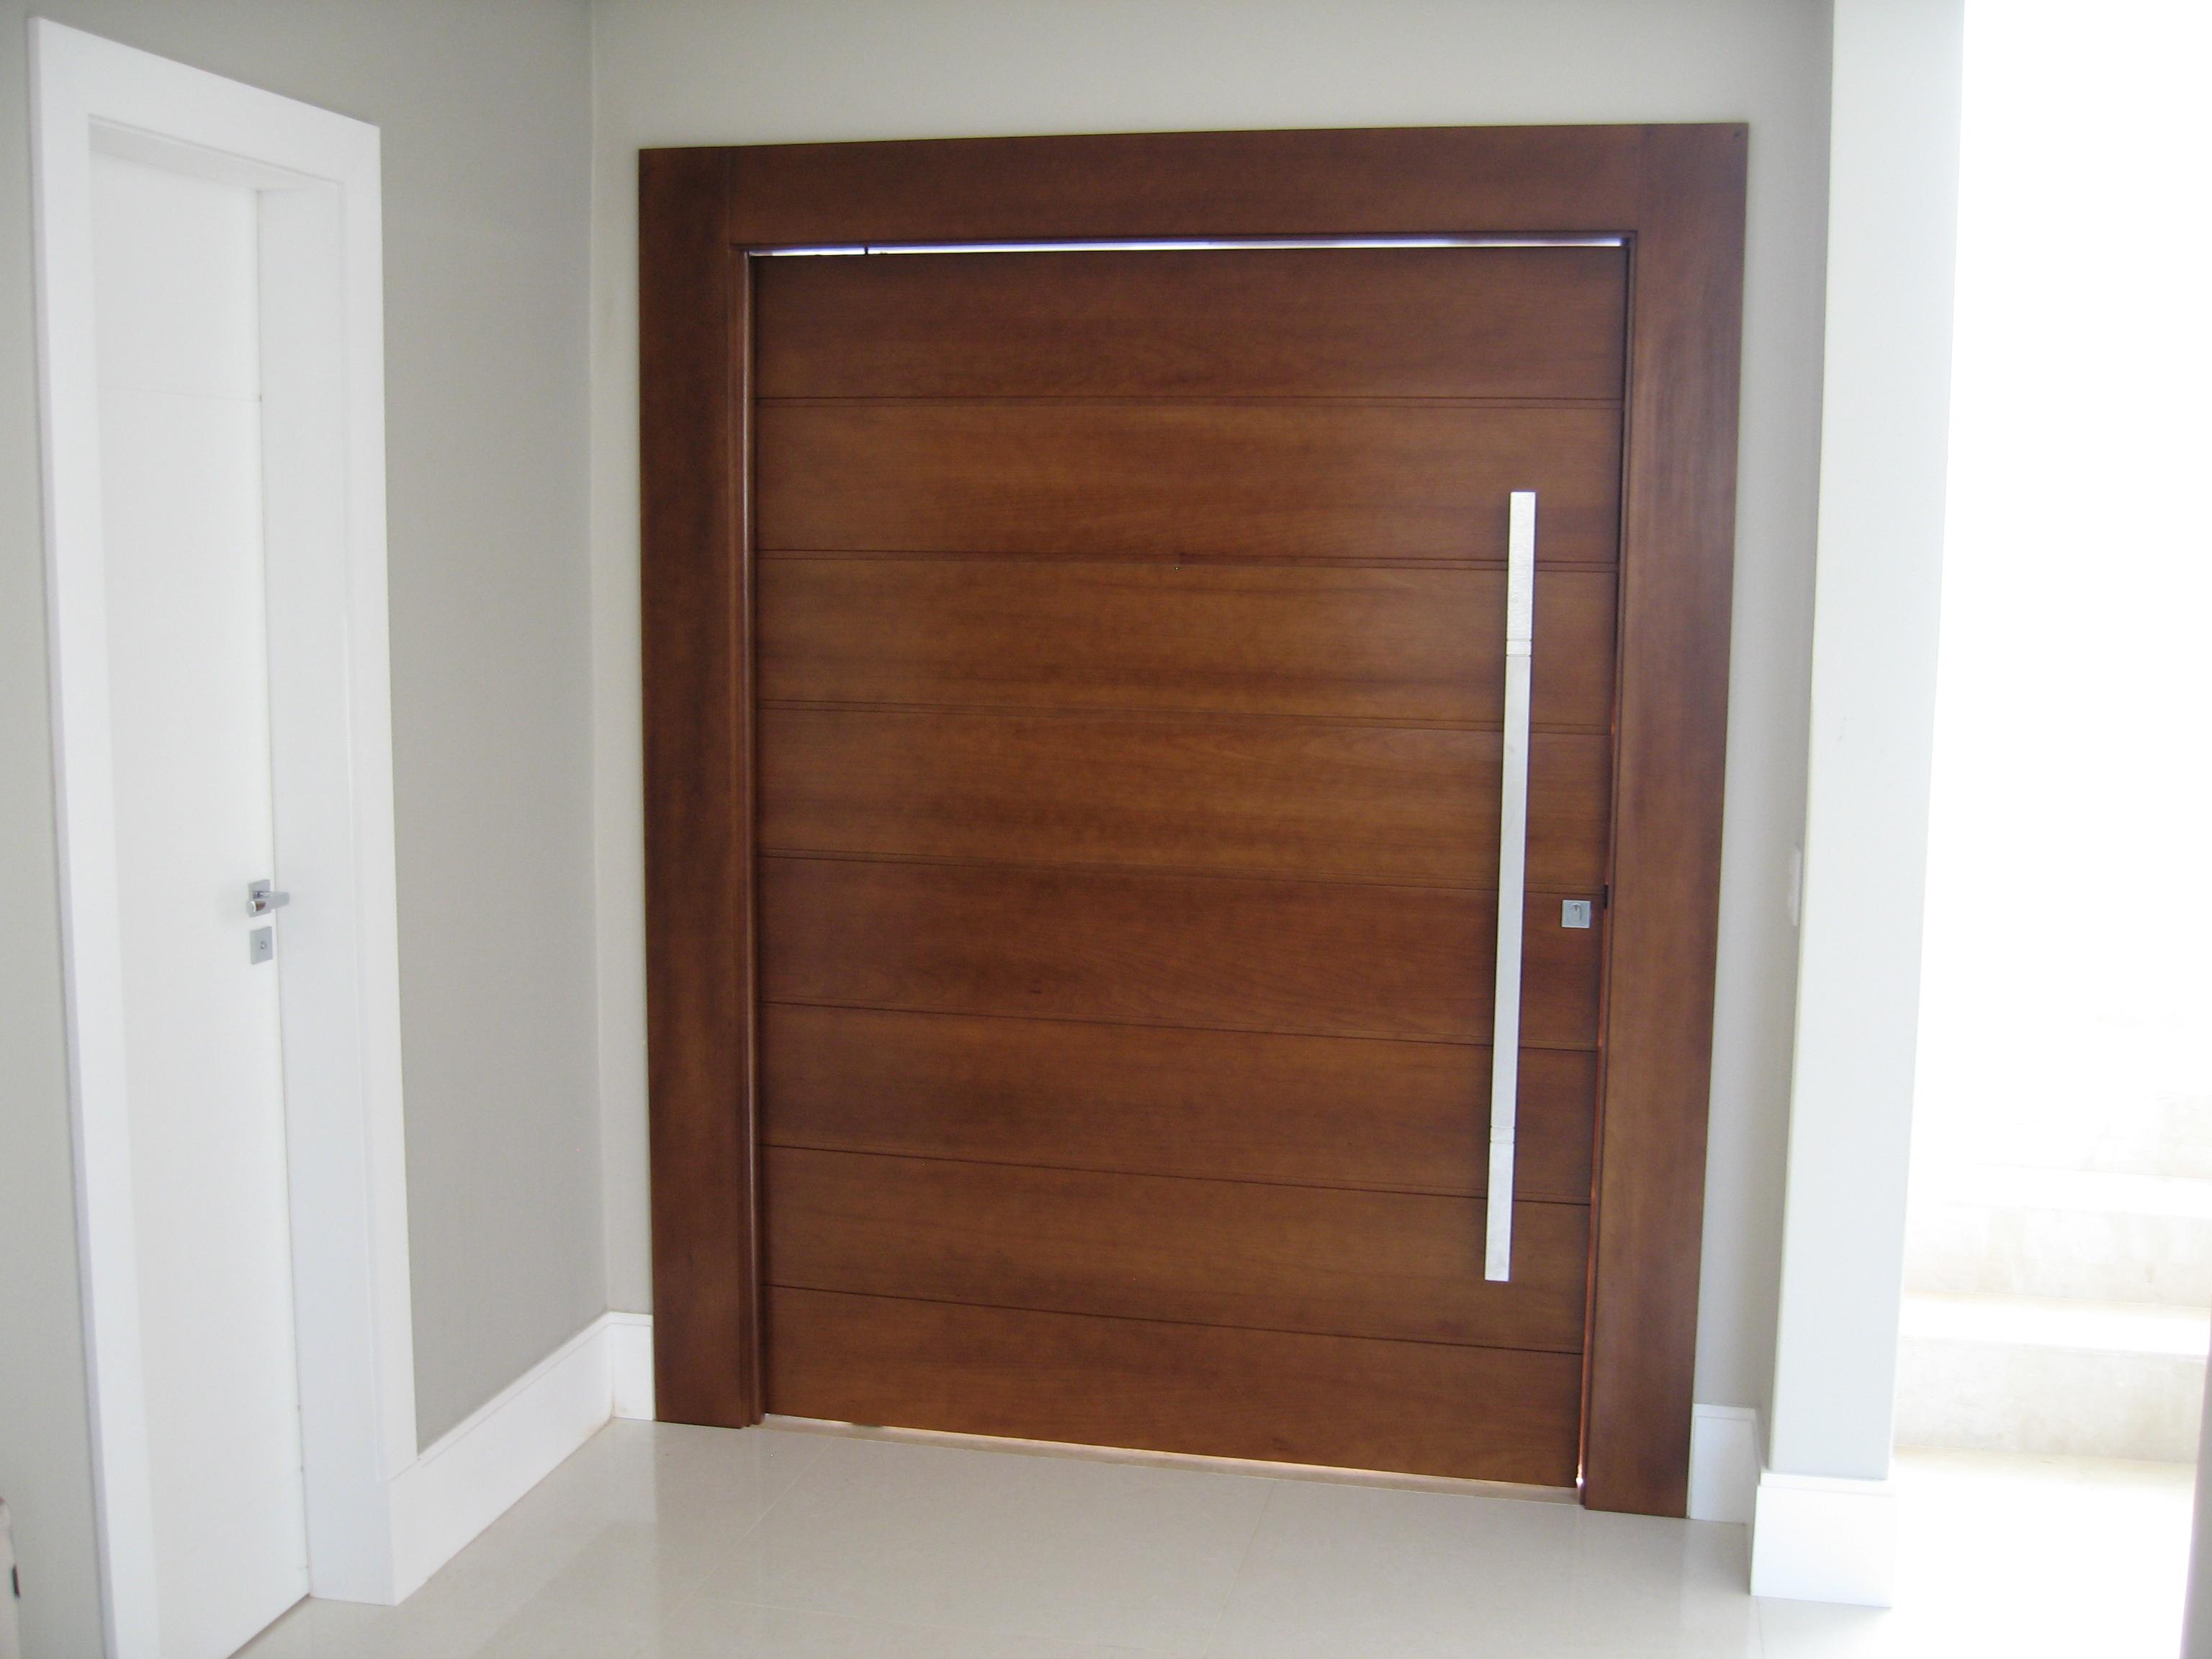 #673C2A Porta Acústica de Madeira Maciça Reforma Fácil 1154 Portas E Janelas De Madeira Em Botucatu